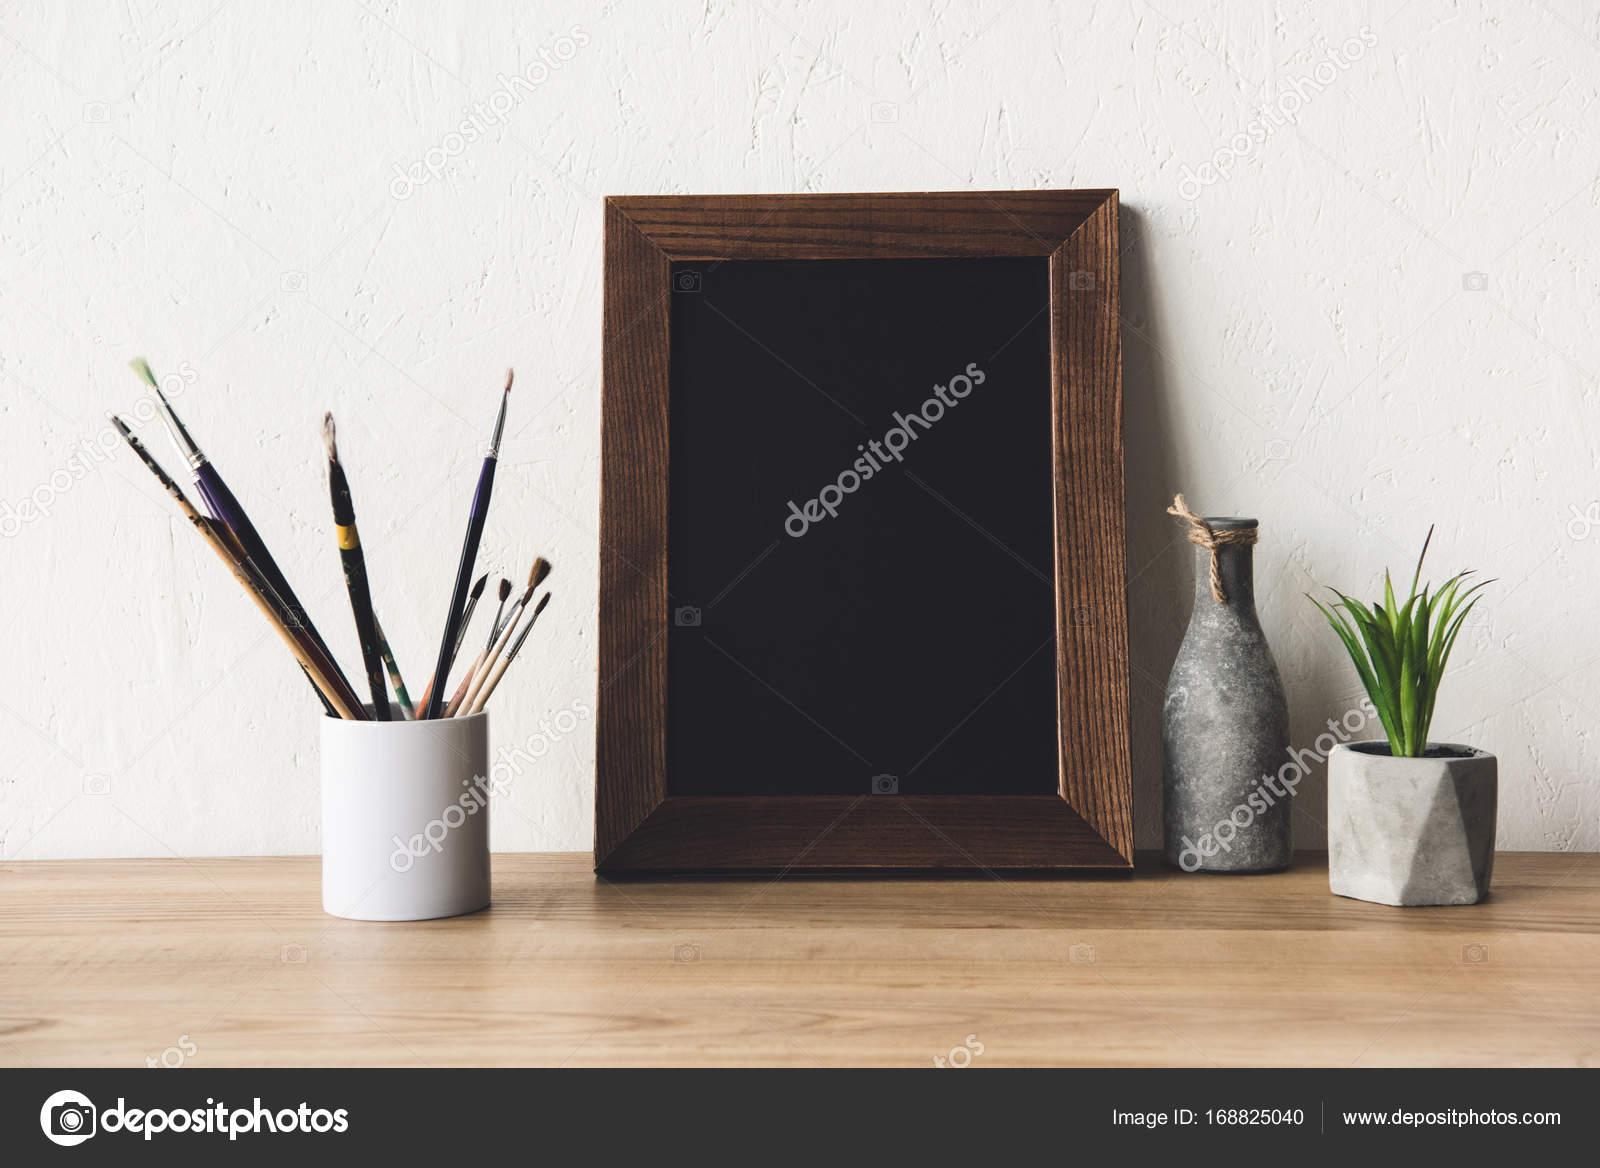 Photo frame and paintbrushes on tabletop stock photo close up view of empty photo frame vase and paintbrushes on wooden tabletop photo by vadimvasenin jeuxipadfo Choice Image